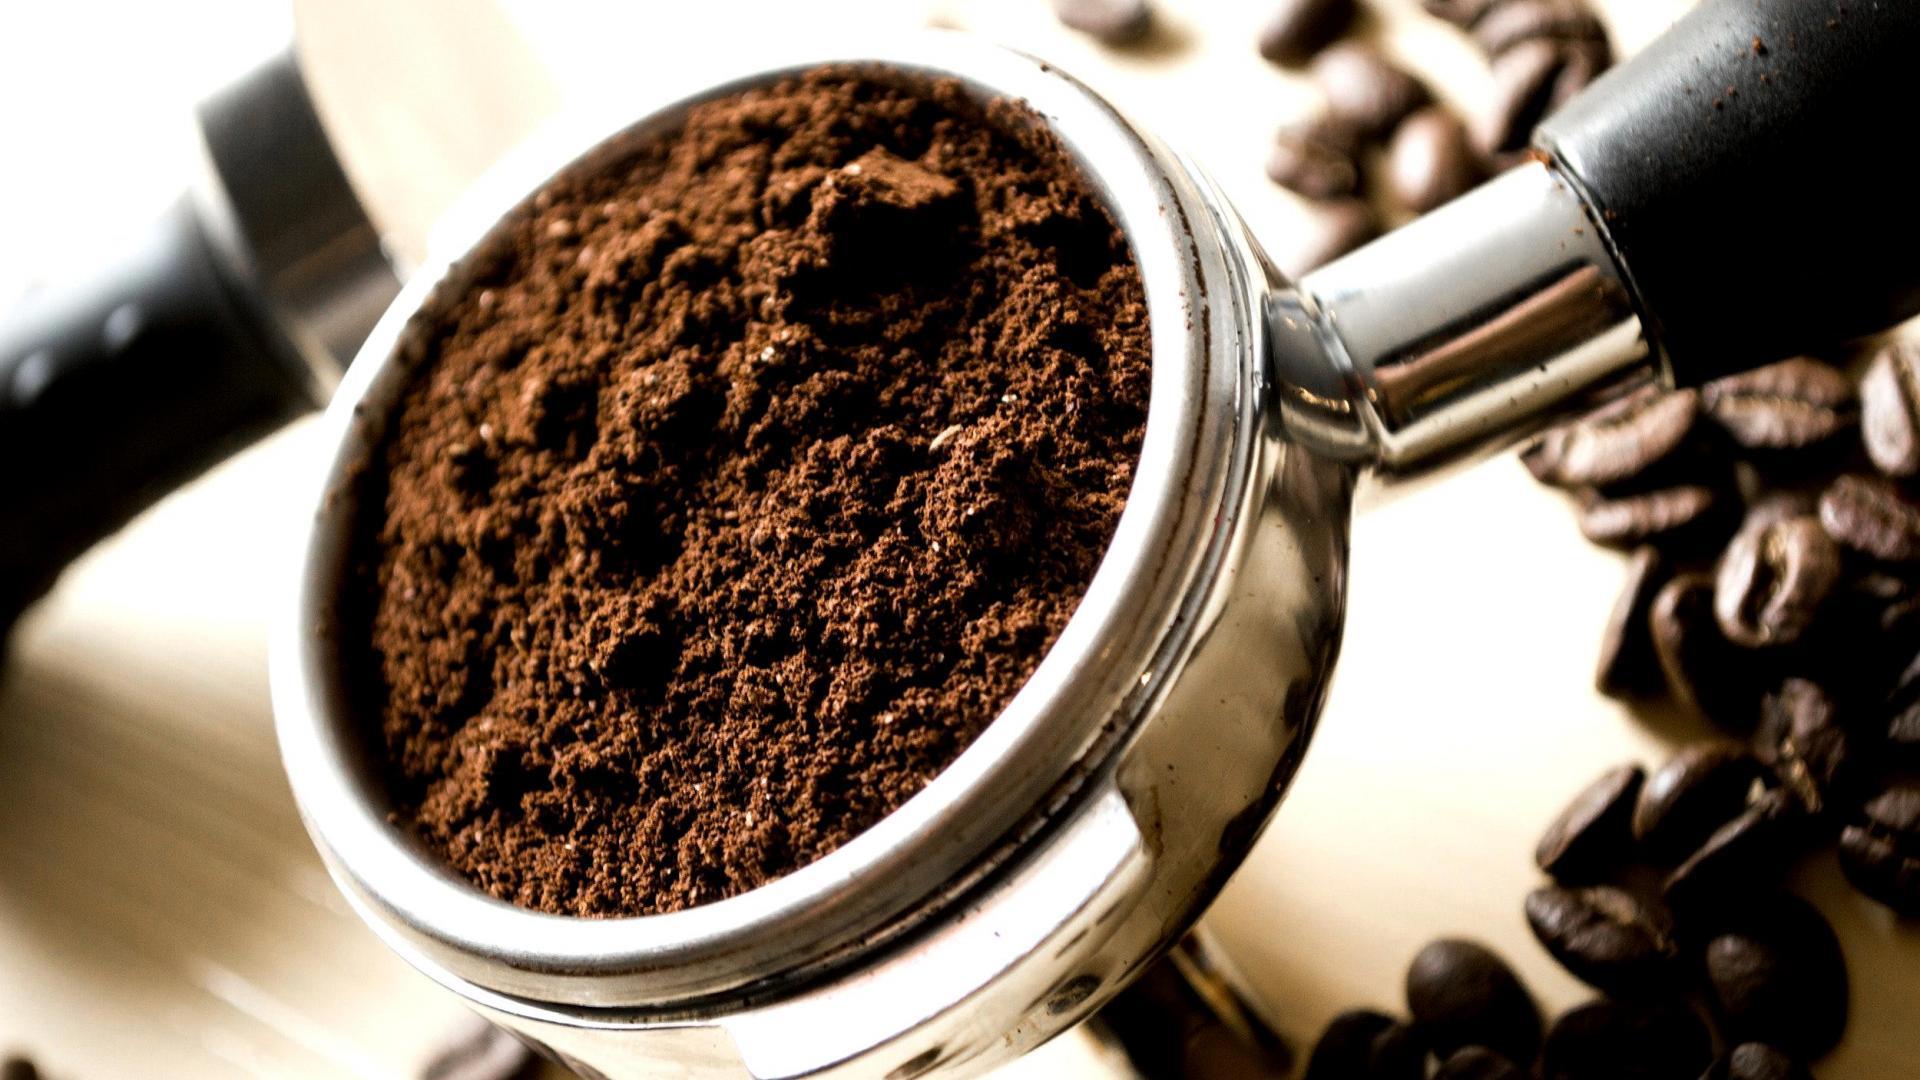 Kaffesatz in einer Kaffemaschine